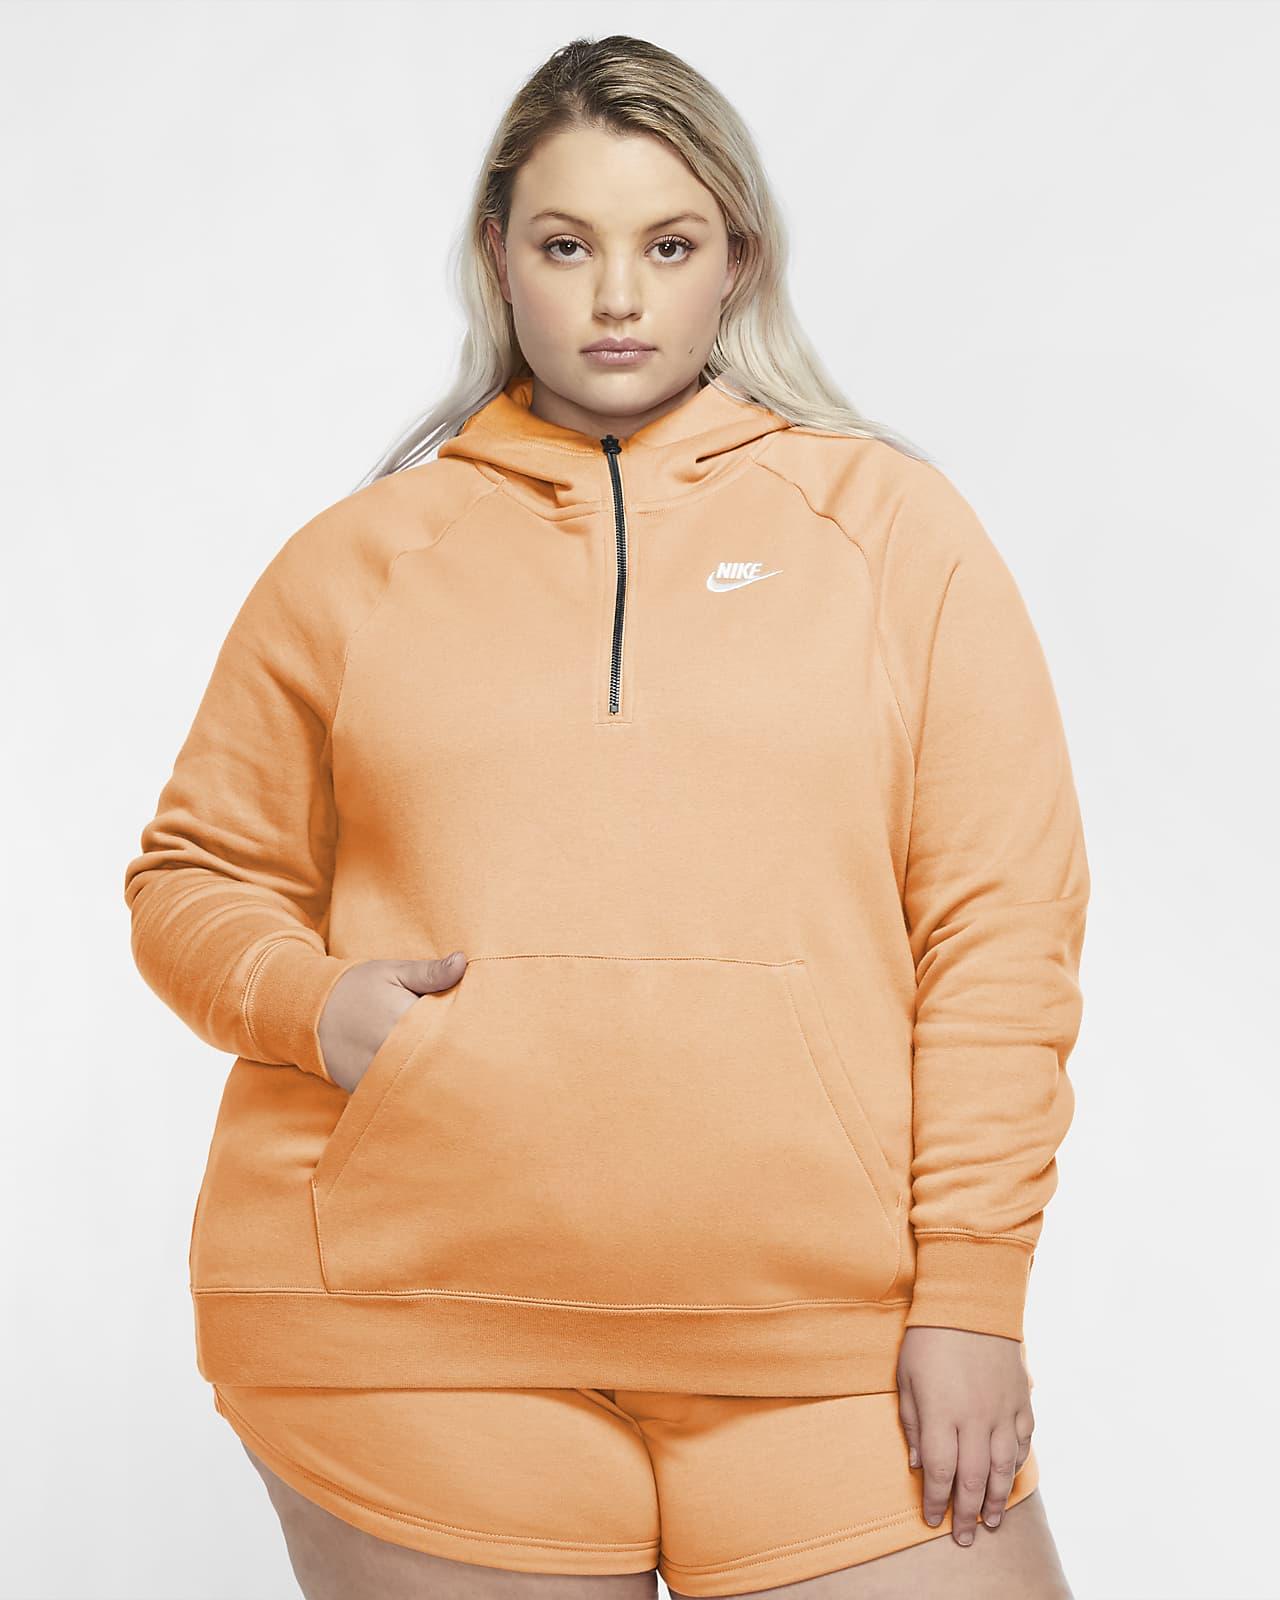 Nike Sportswear Essential Women's 1/4